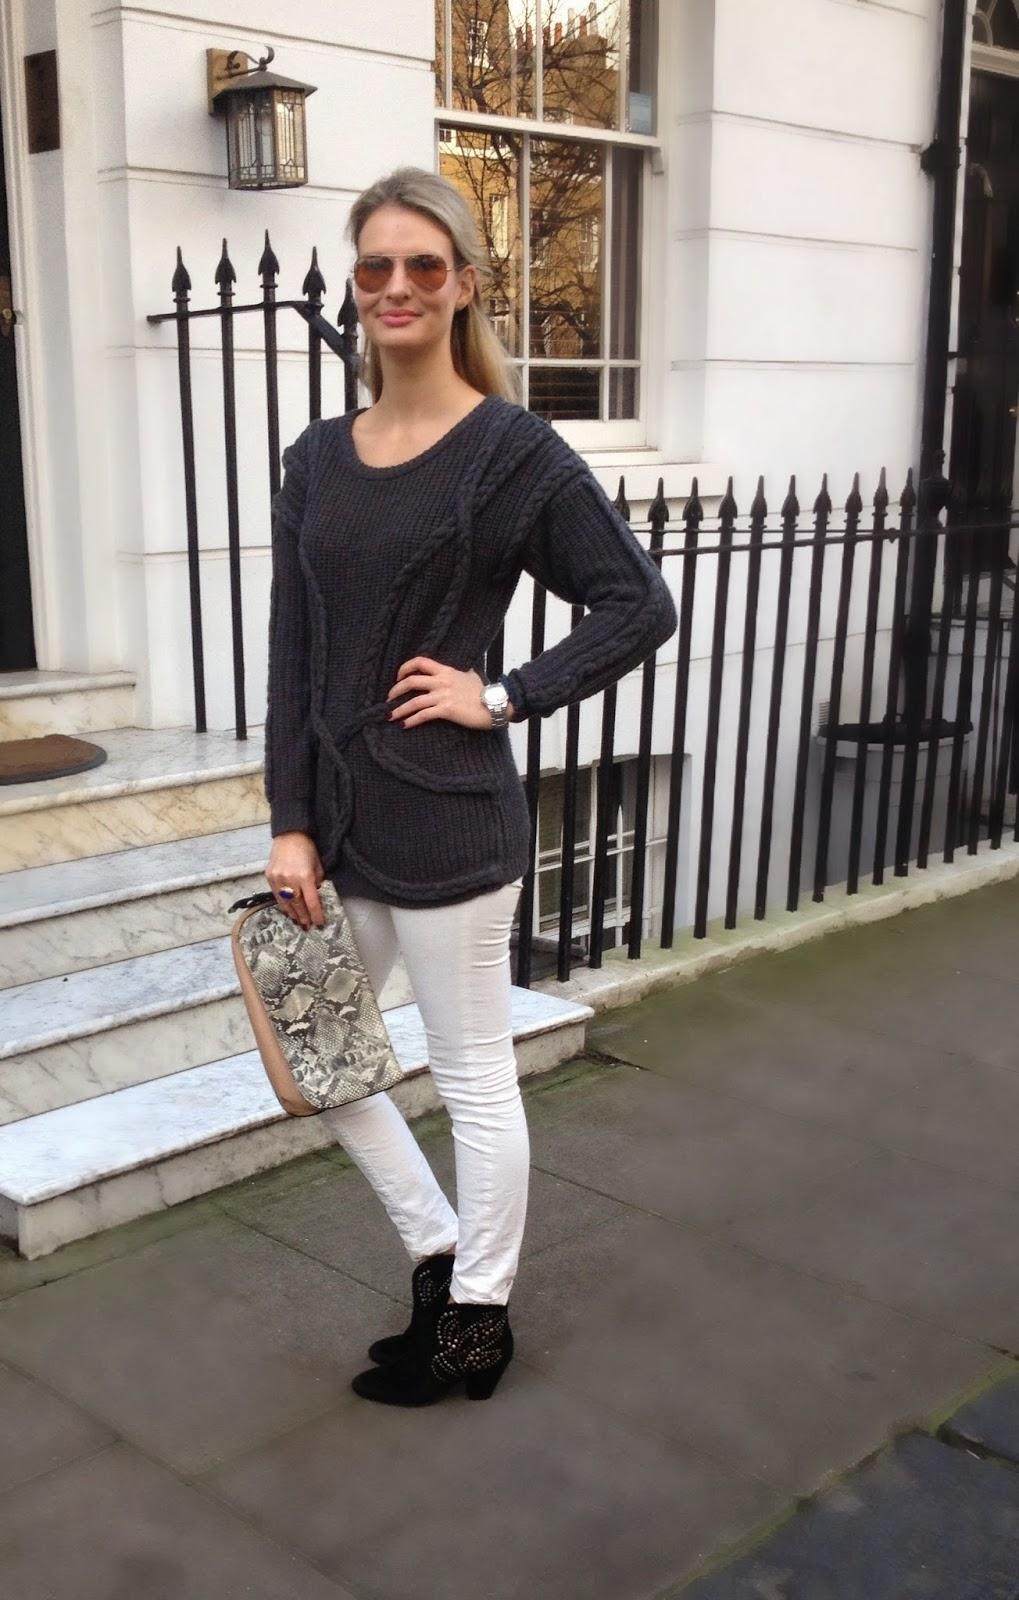 knitted jumper, platted jumper, primark, primark jumper, ash, ash footwear, ash boots, sneak print, sneak print clutch, clutch, j brand, j brand jeans, chrissabella blog